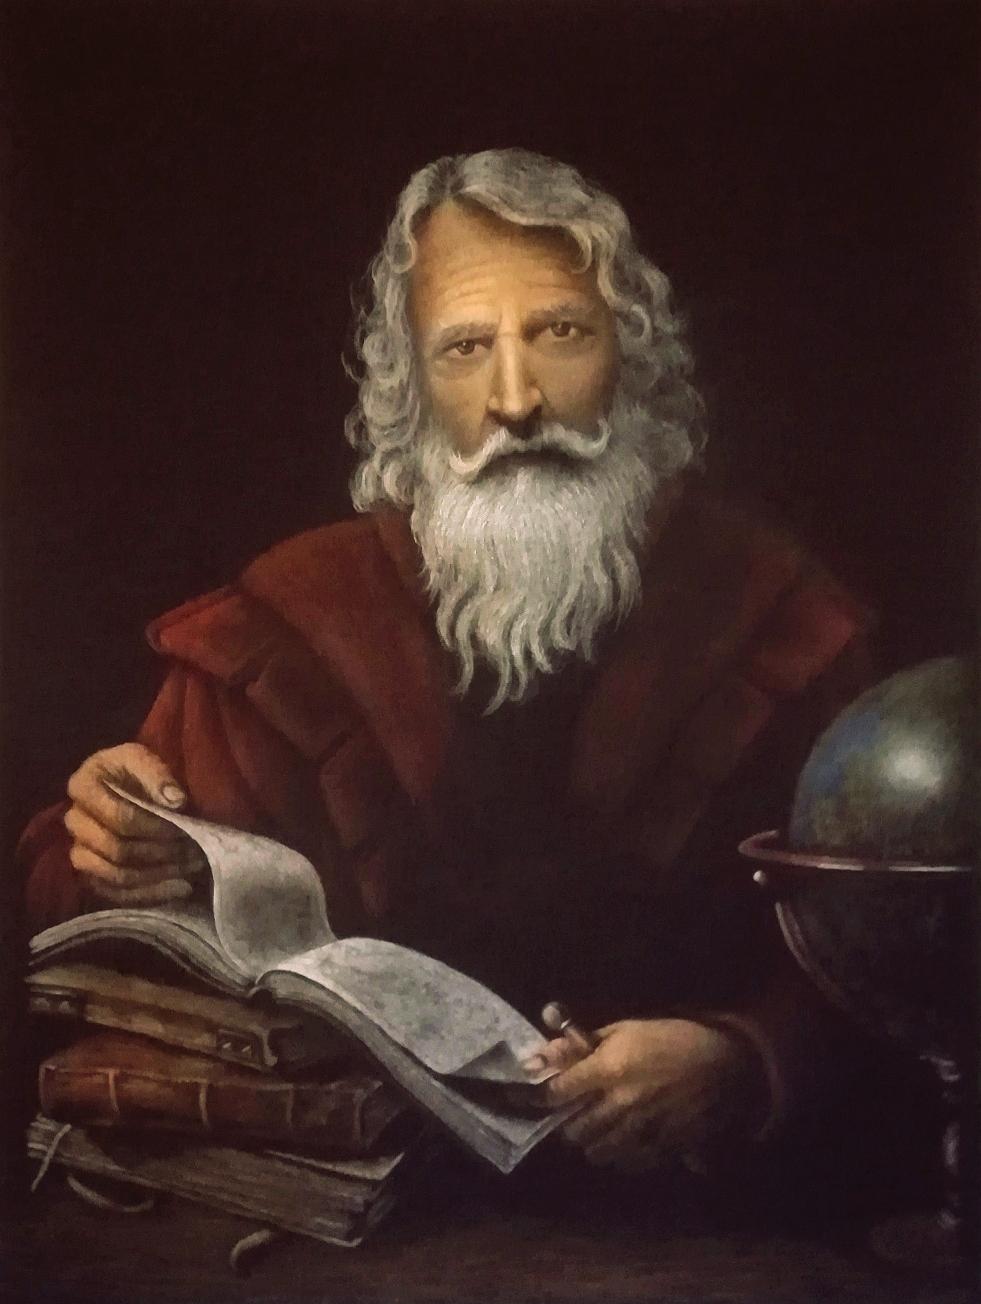 """60x80 cm, meine Interpretation von """"Der bärtige Wissenschaftler"""", Original: Agostino Scilla, 1629-1700, Rom"""